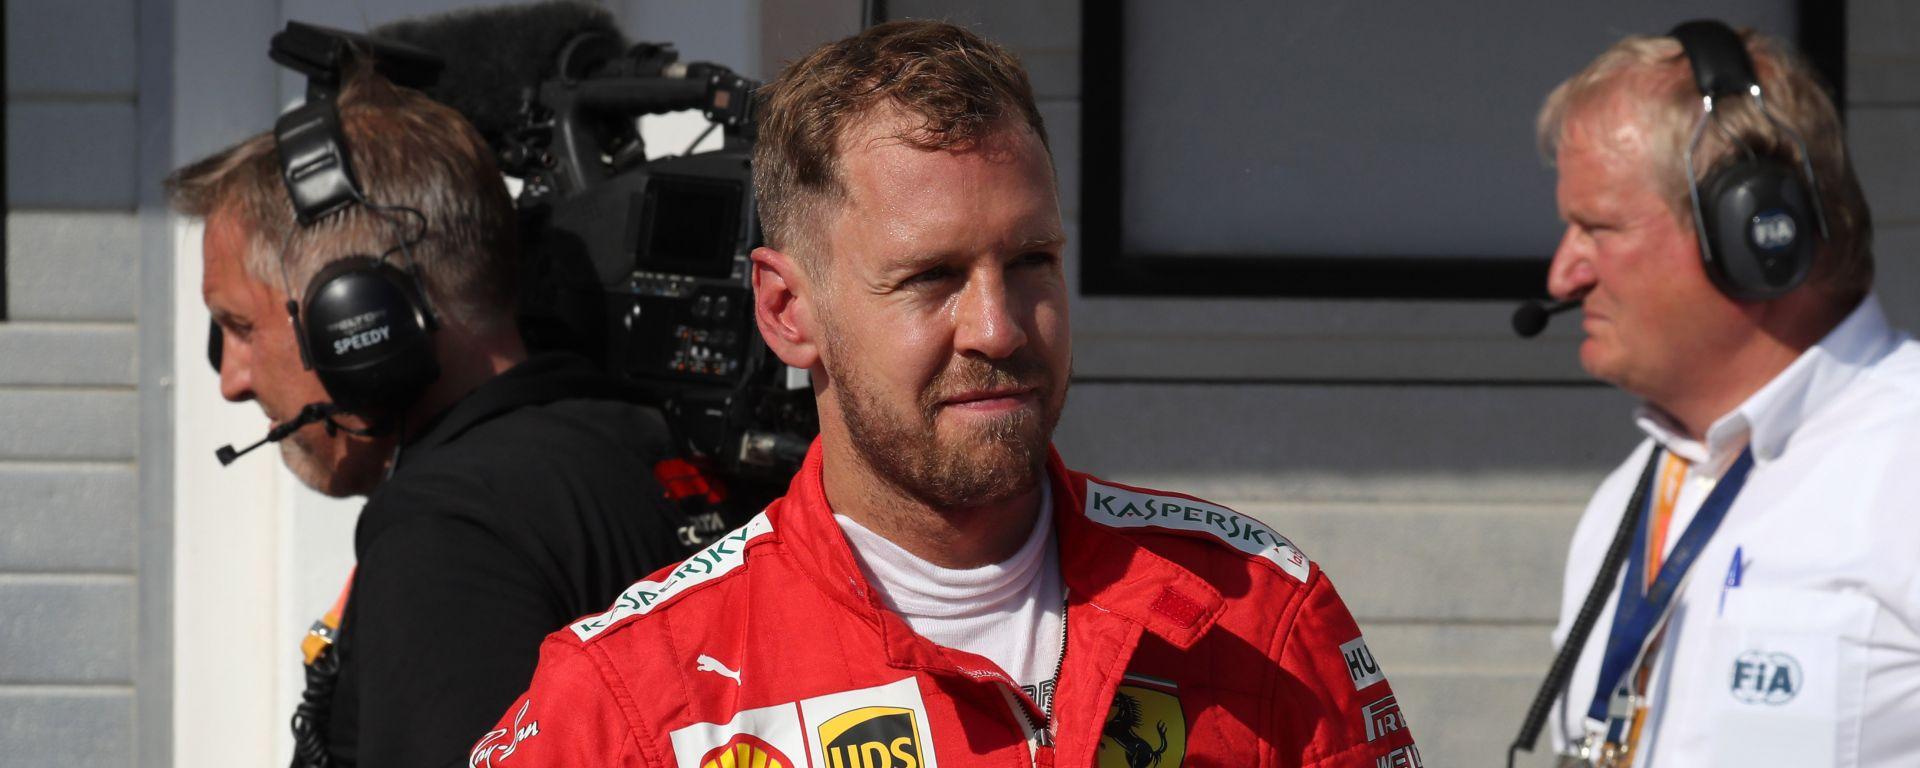 Vettel (Ferrari) dopo il GP all'Hungaroring